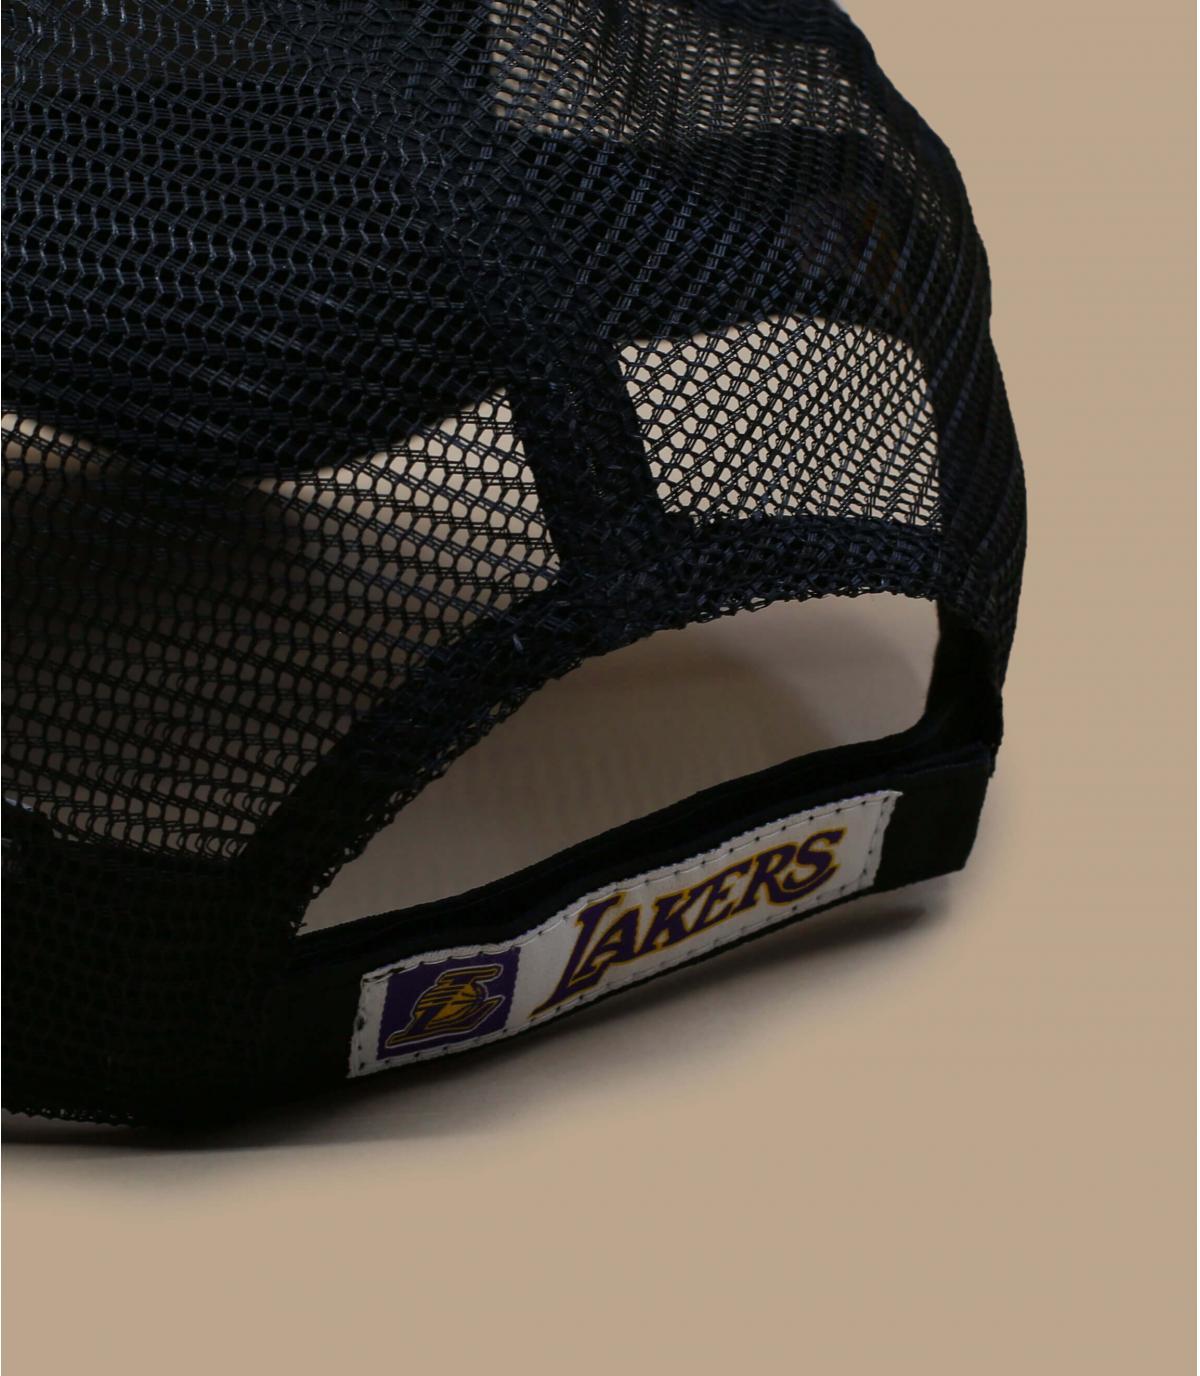 Détails Trucker Kids Seasonal Lakers 940 The League - image 4